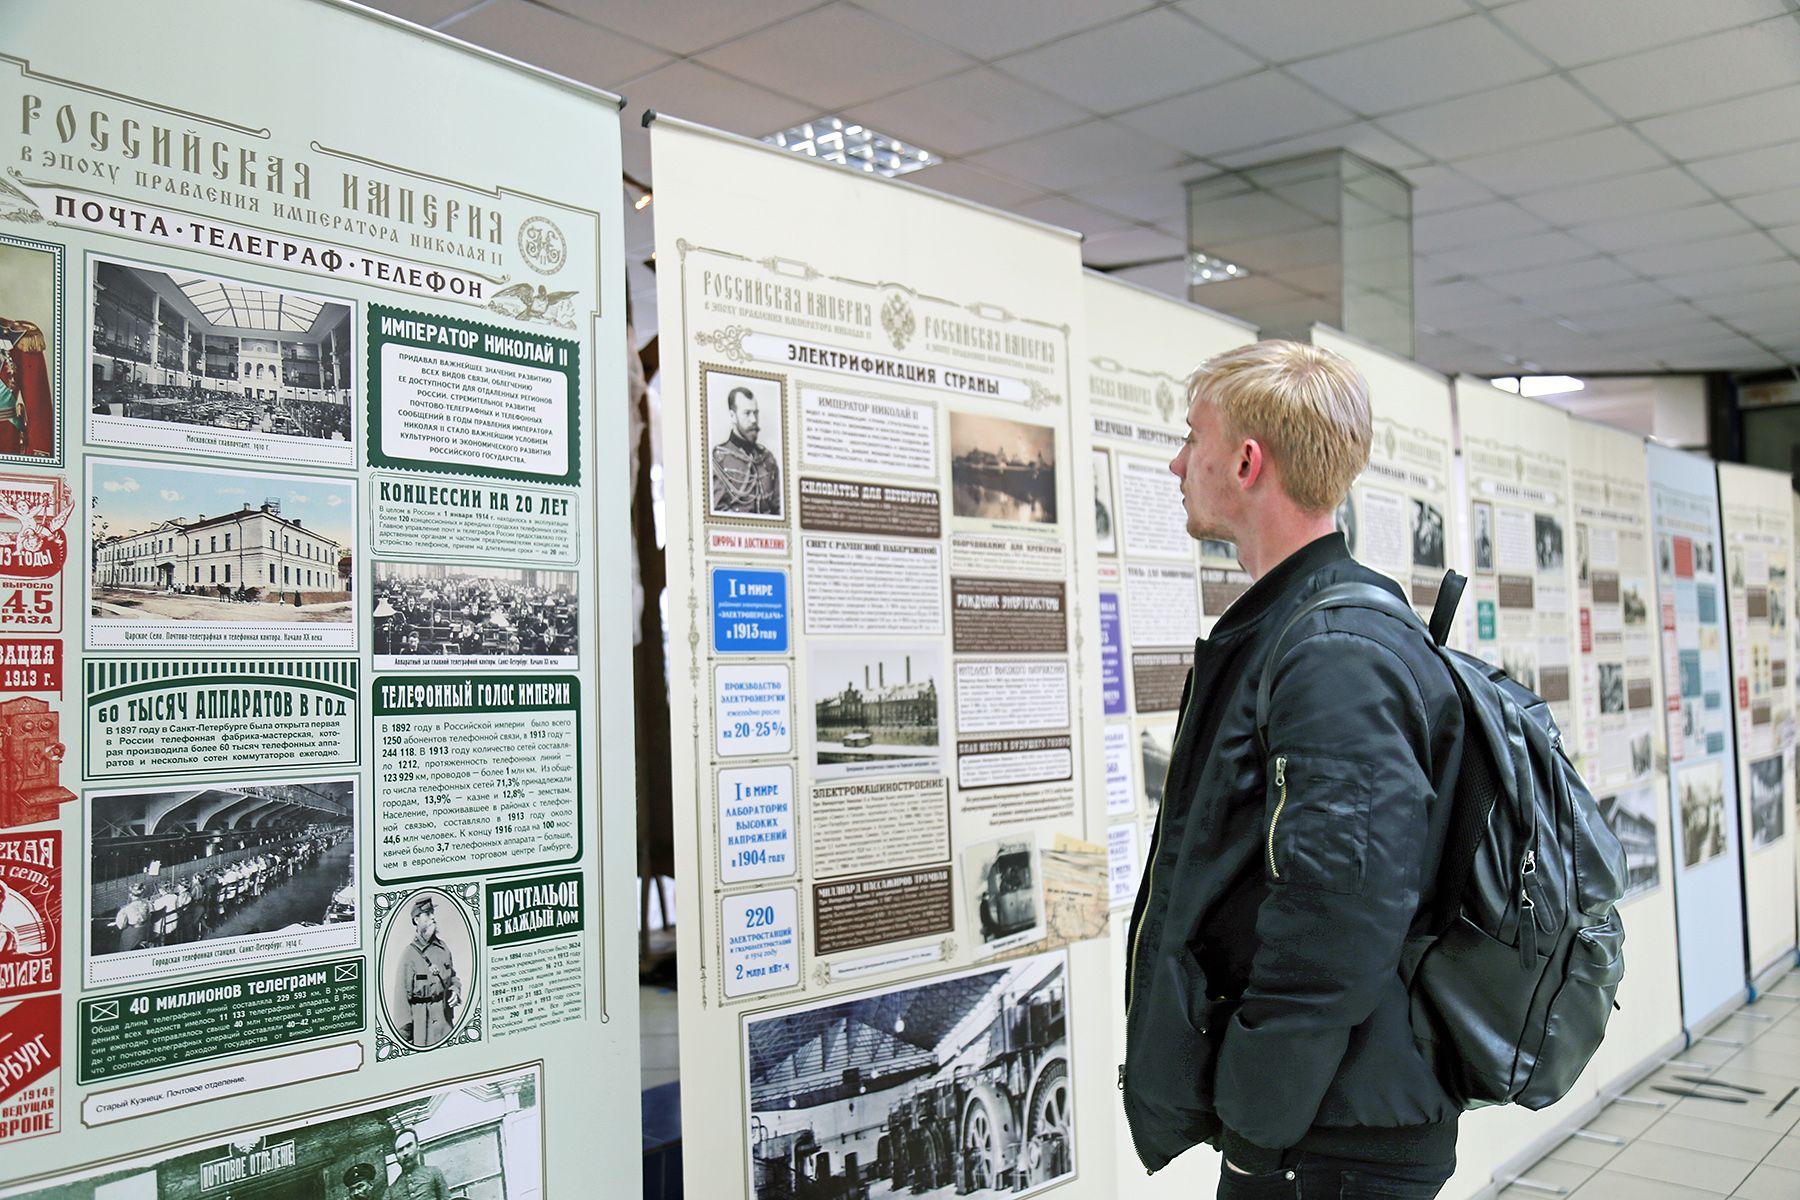 Во ВГУЭС открылась передвижная выставка про Николая II